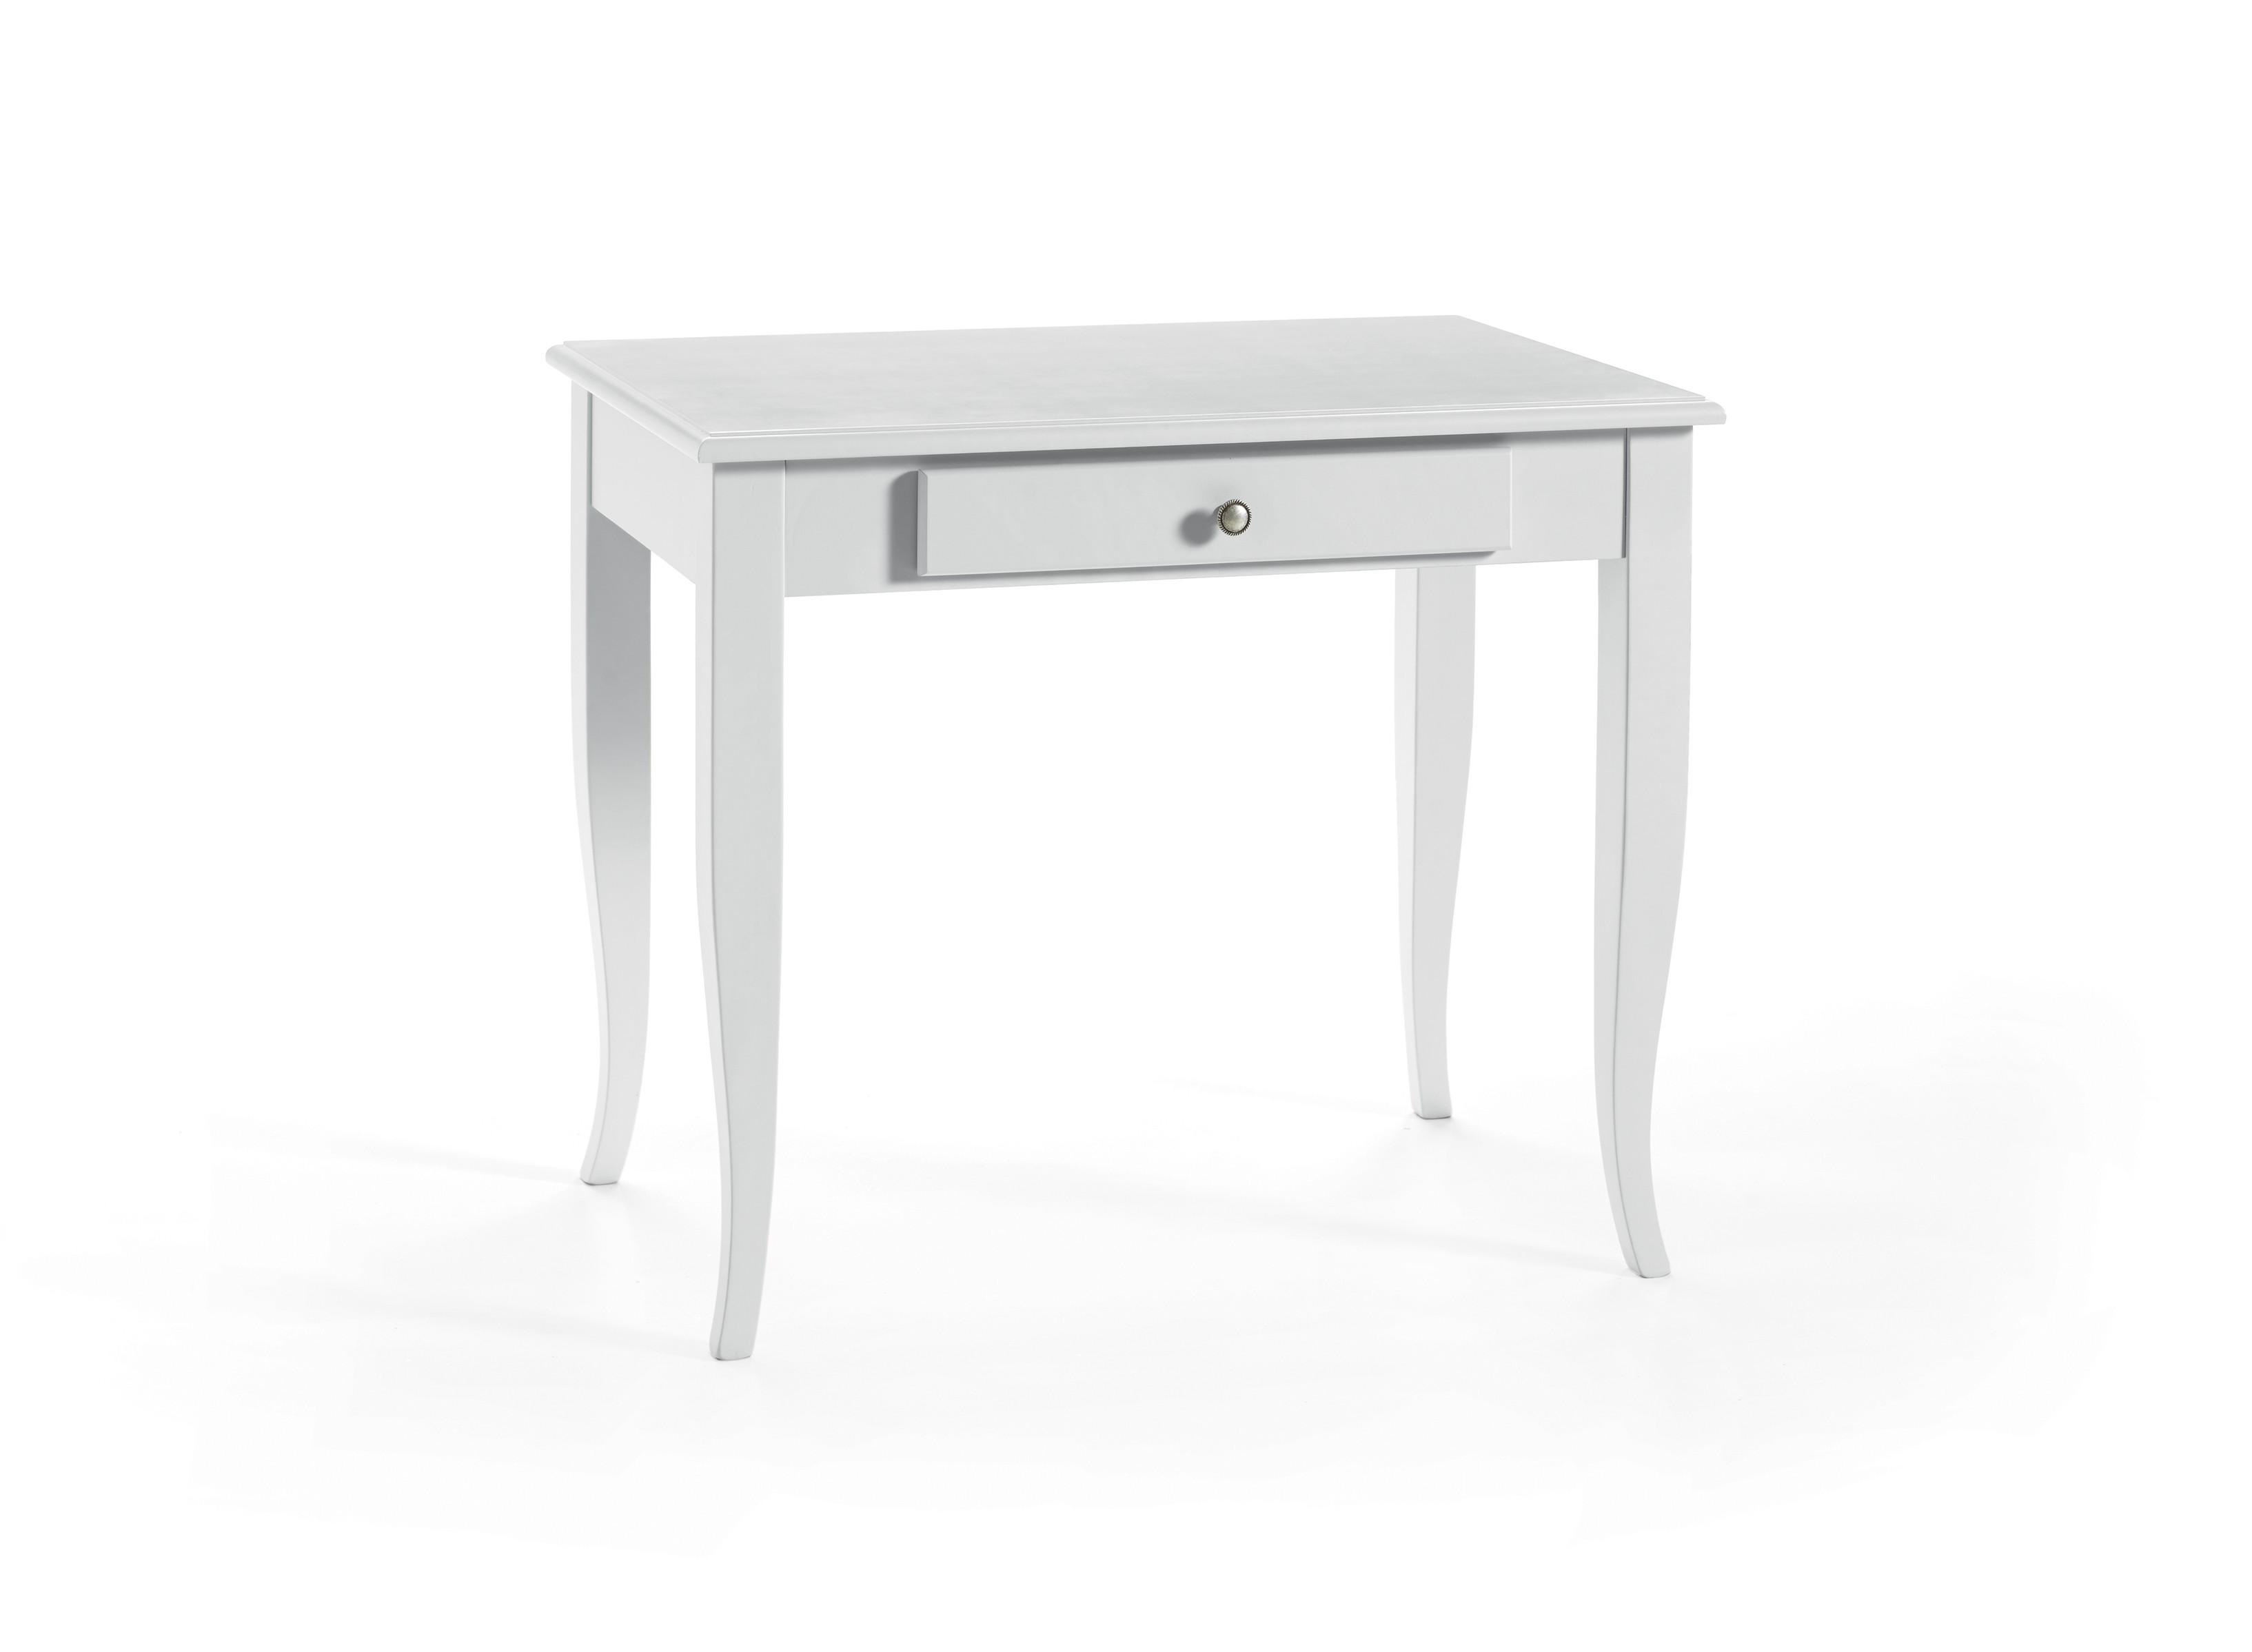 Scrivania In Legno Bianco : Scrittoio scrivania in legno colore bianco